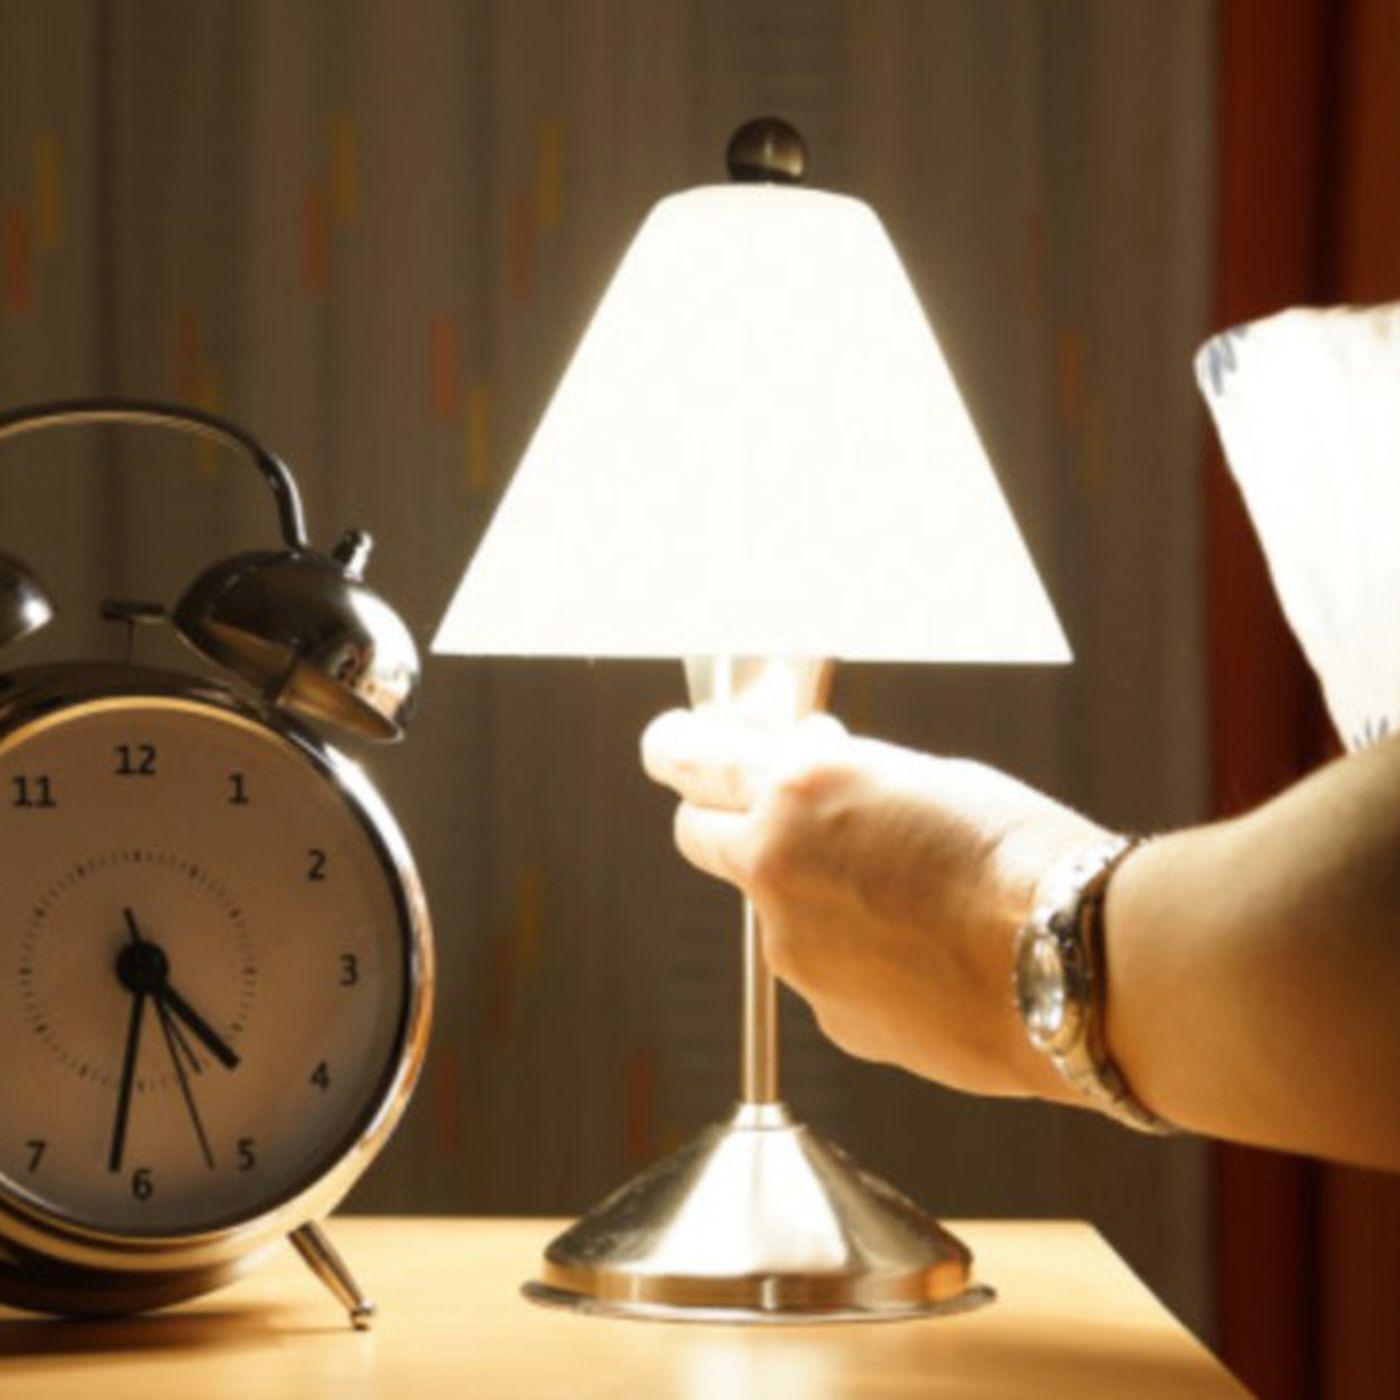 Kesintisiz Bir Uyku Uyuyamıyorsanız, Endişelenmeyin: İnsanlar, Binlerce Yıl Boyunca Çift Vardiyalı Uyumuş Olabilir!